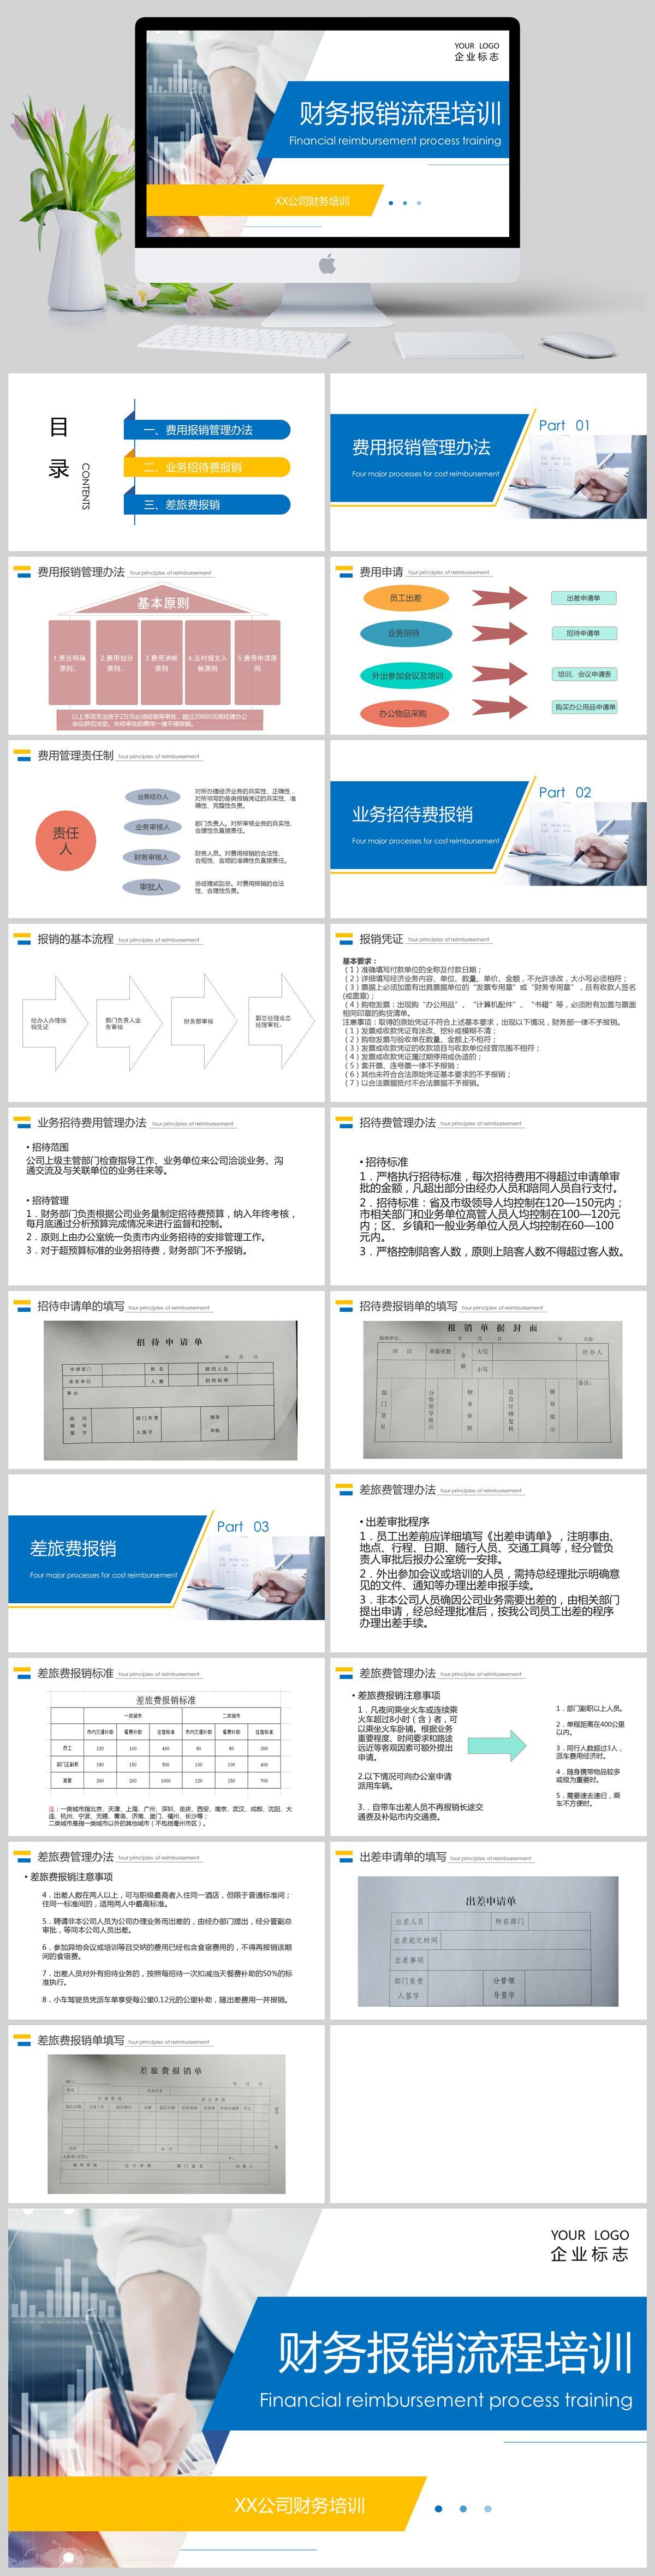 财务报销流程培训PPT亚博体育主页